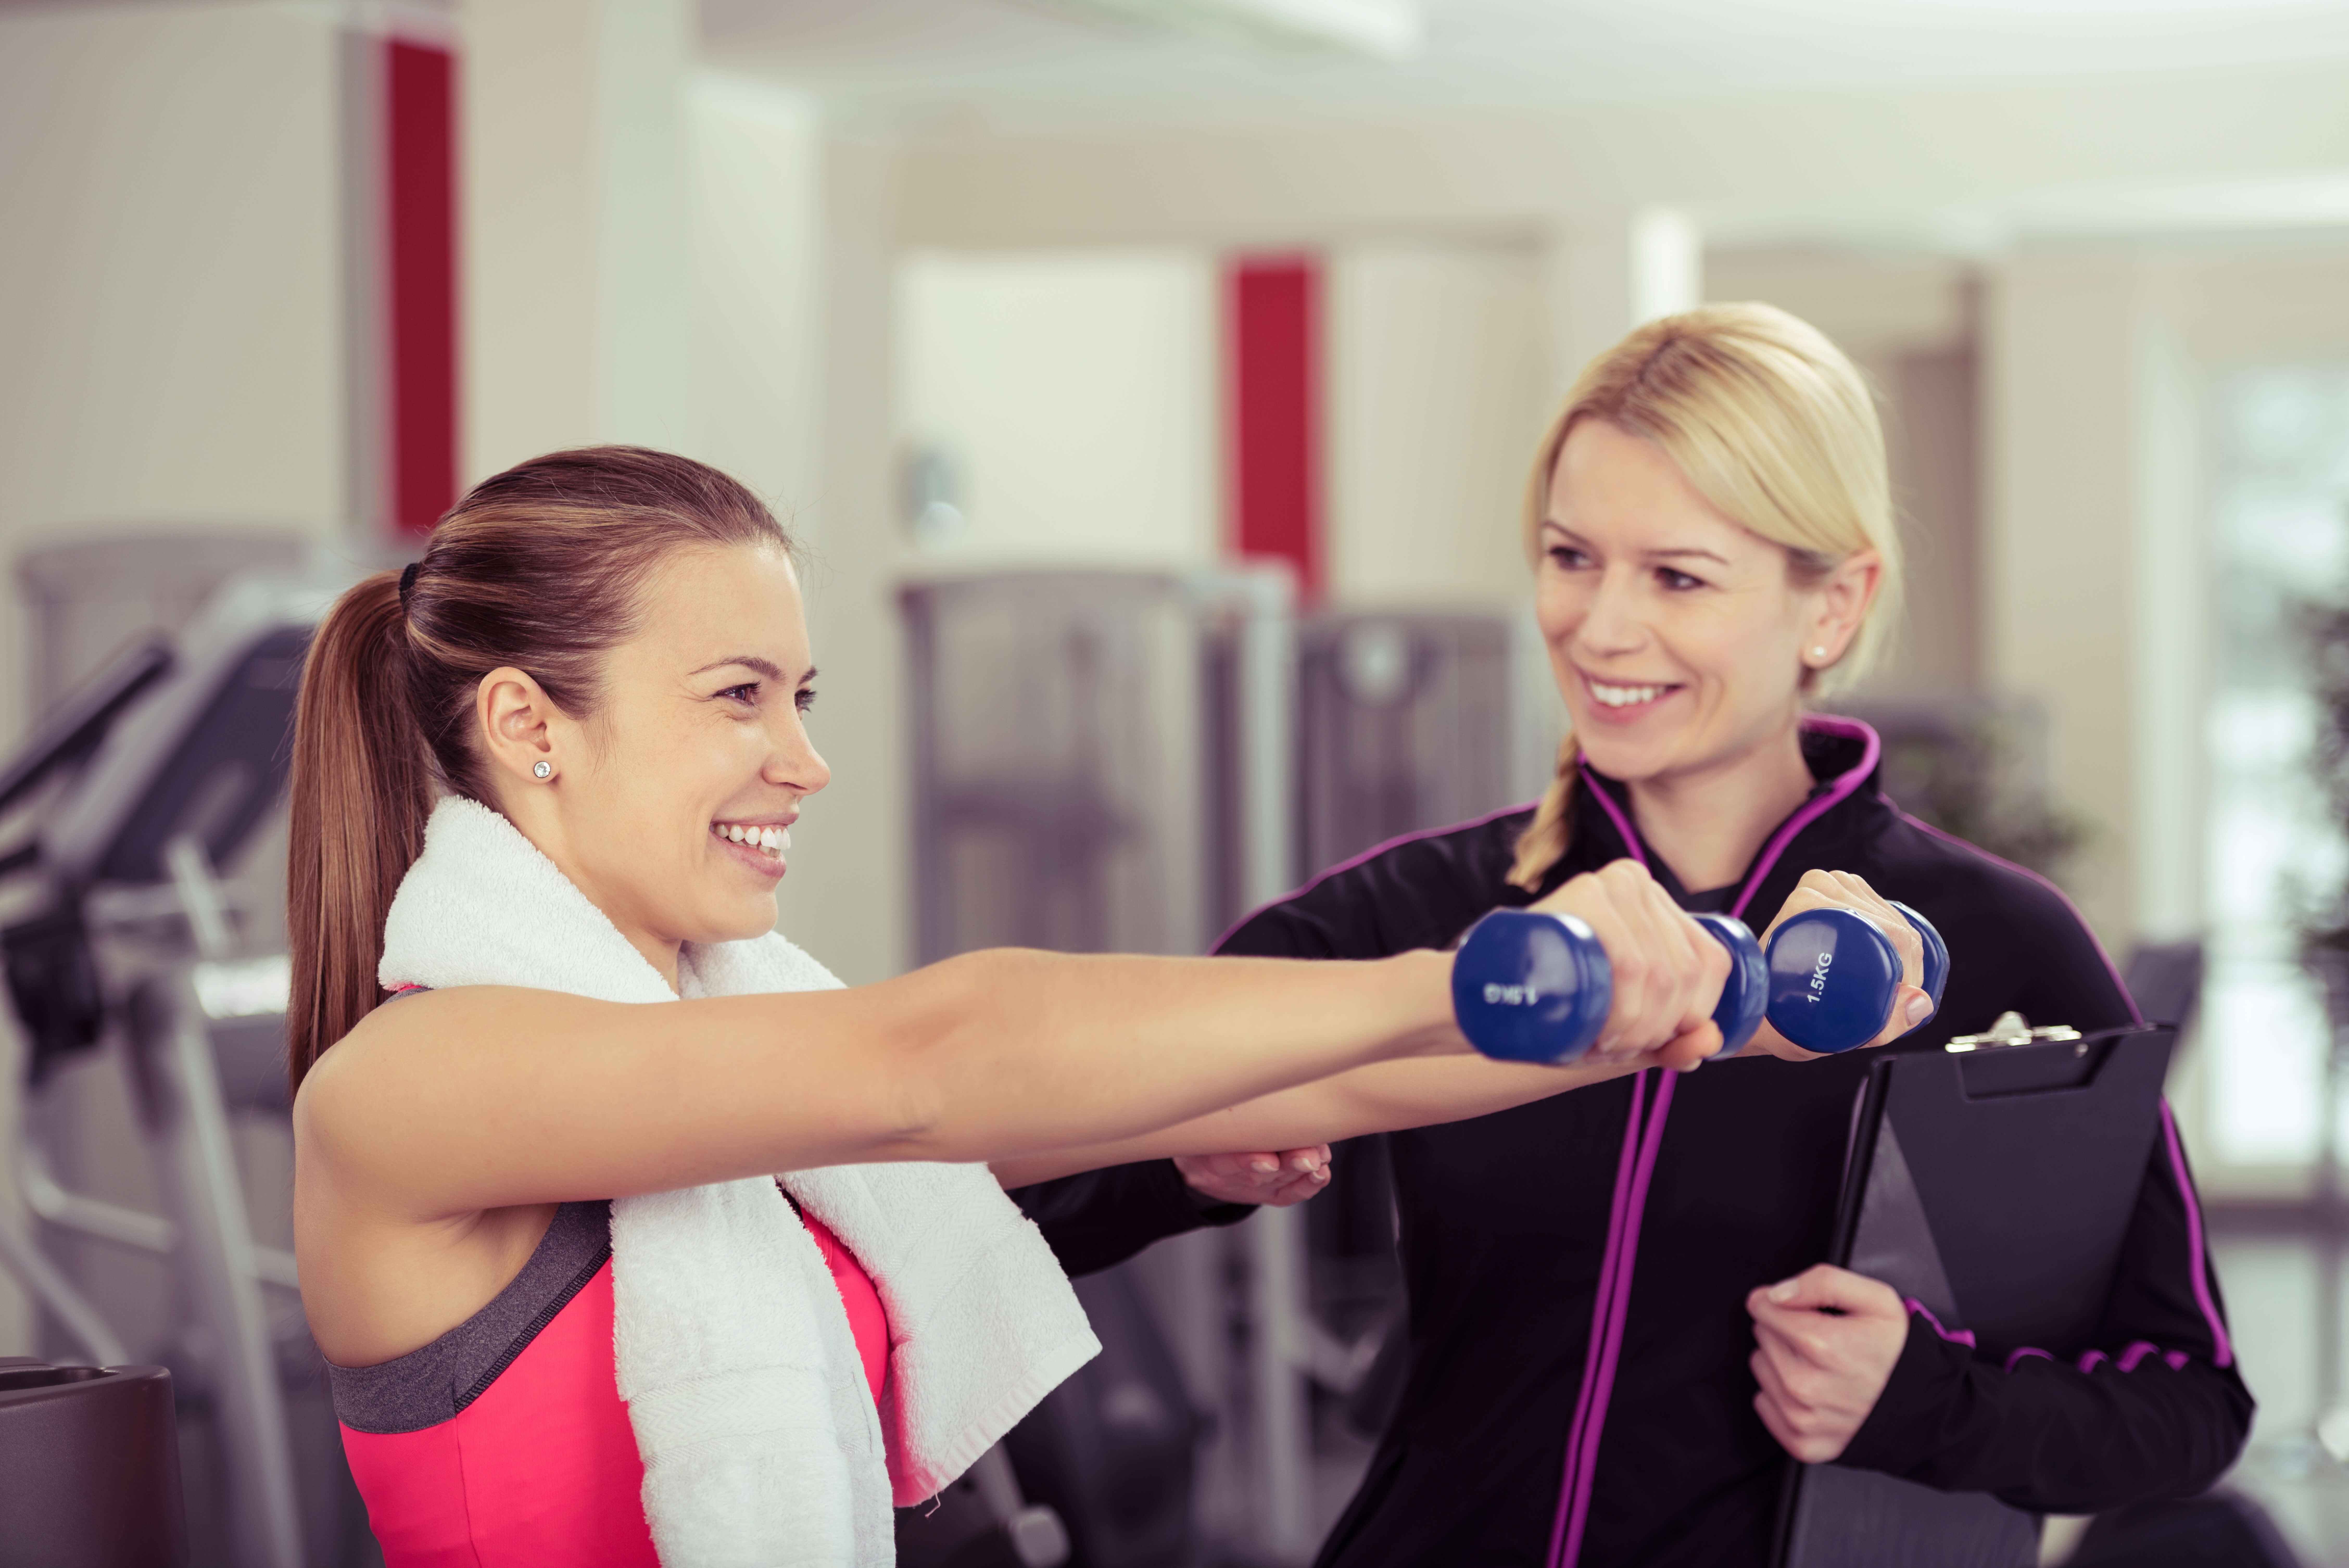 パーソナルトレーナーが彼女の進歩を監督しながら手の重量を使用して笑顔の女性